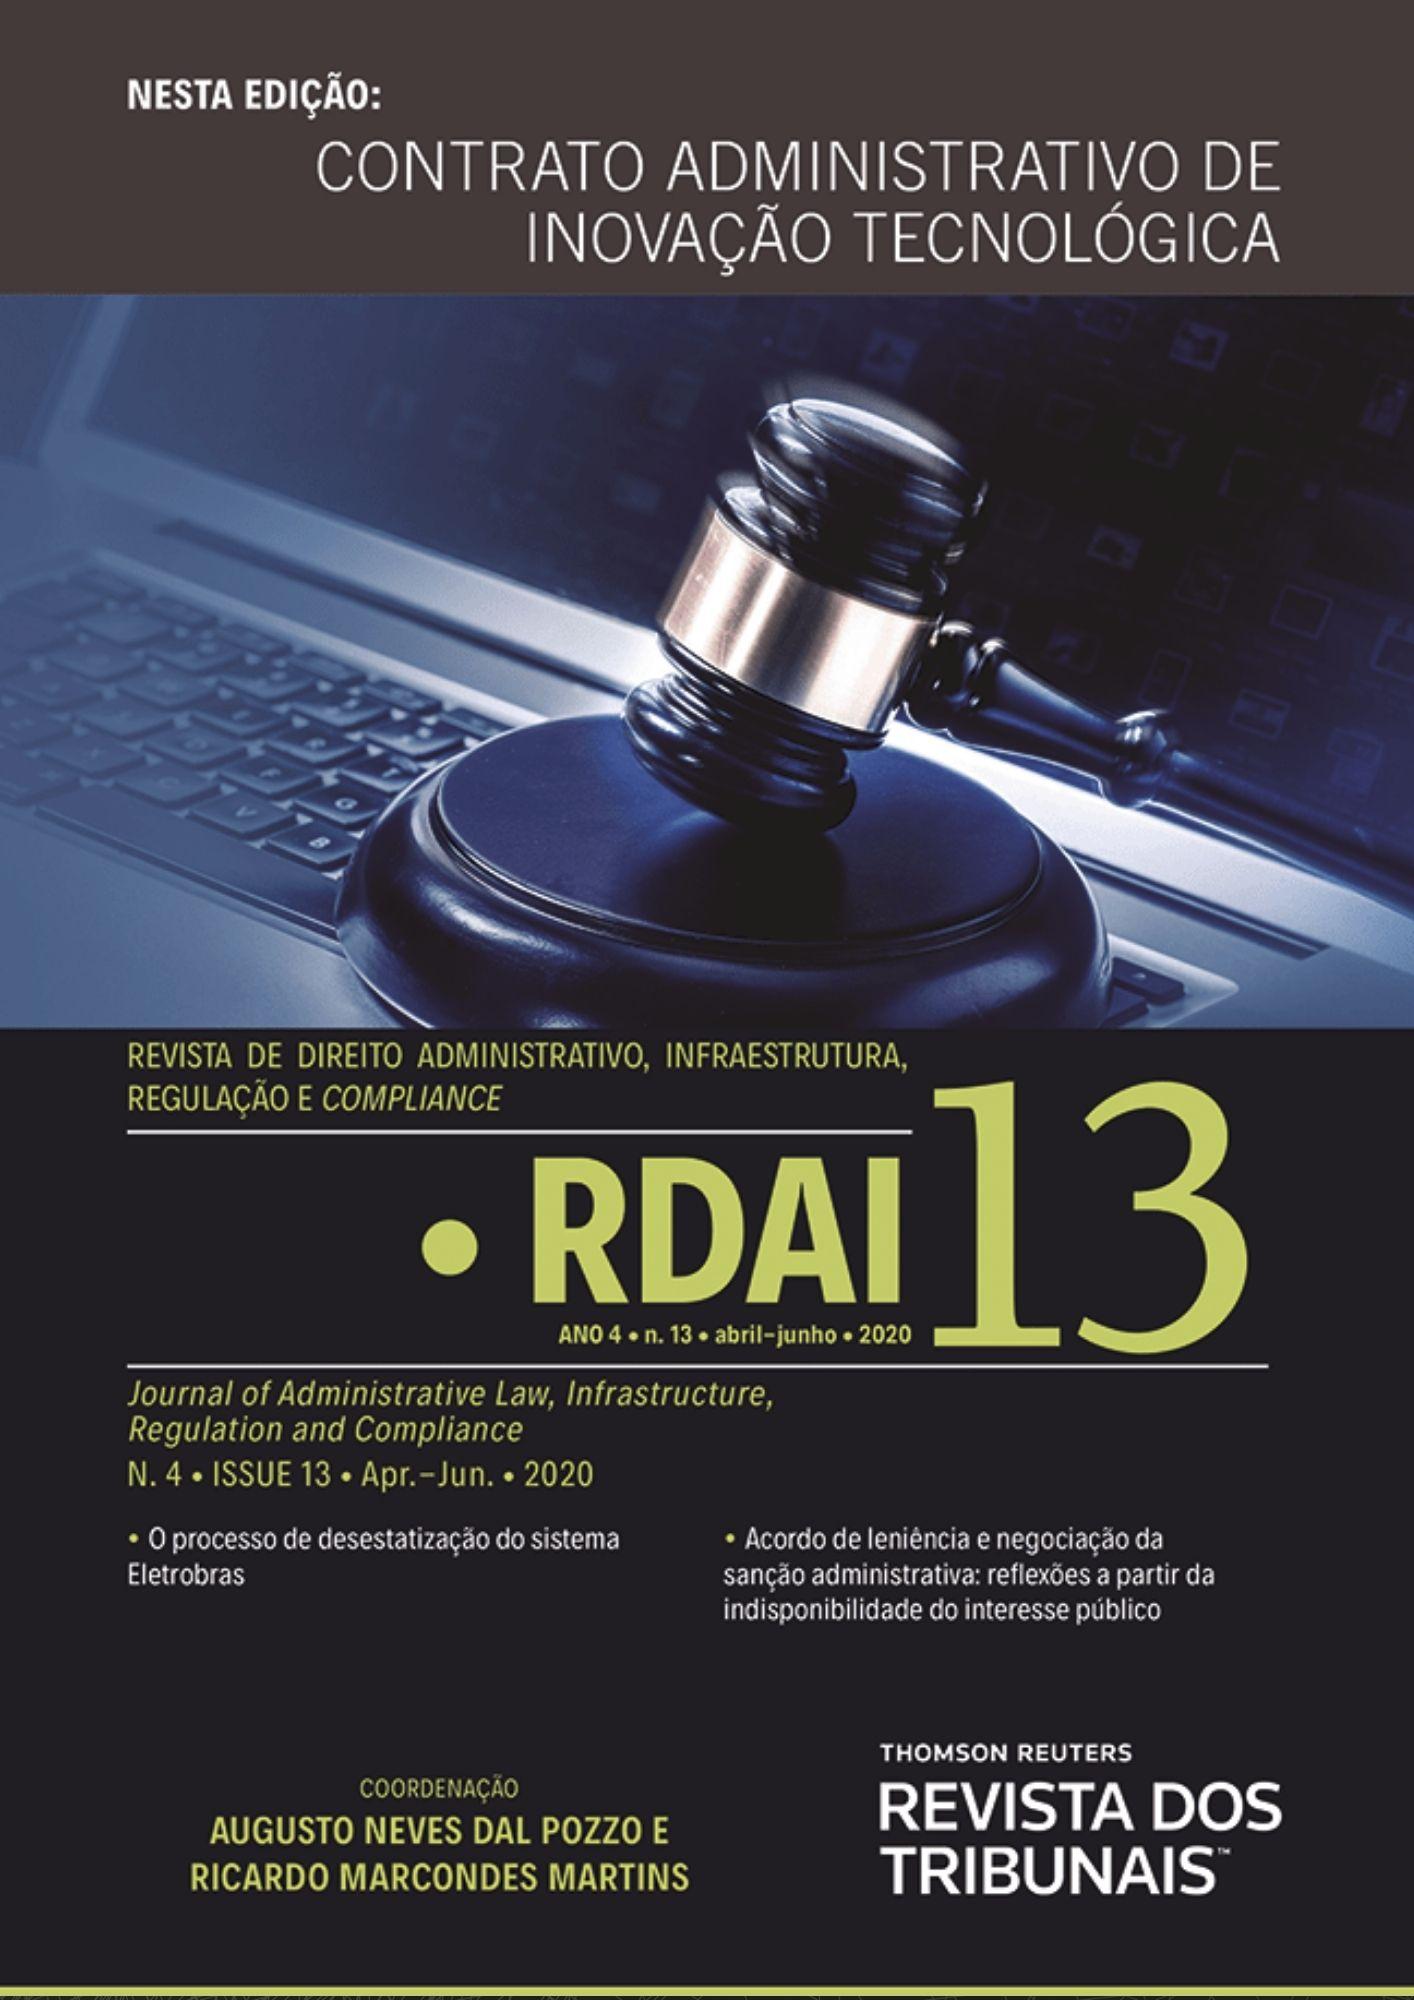 Capa RDAI 13 abril junho 2020